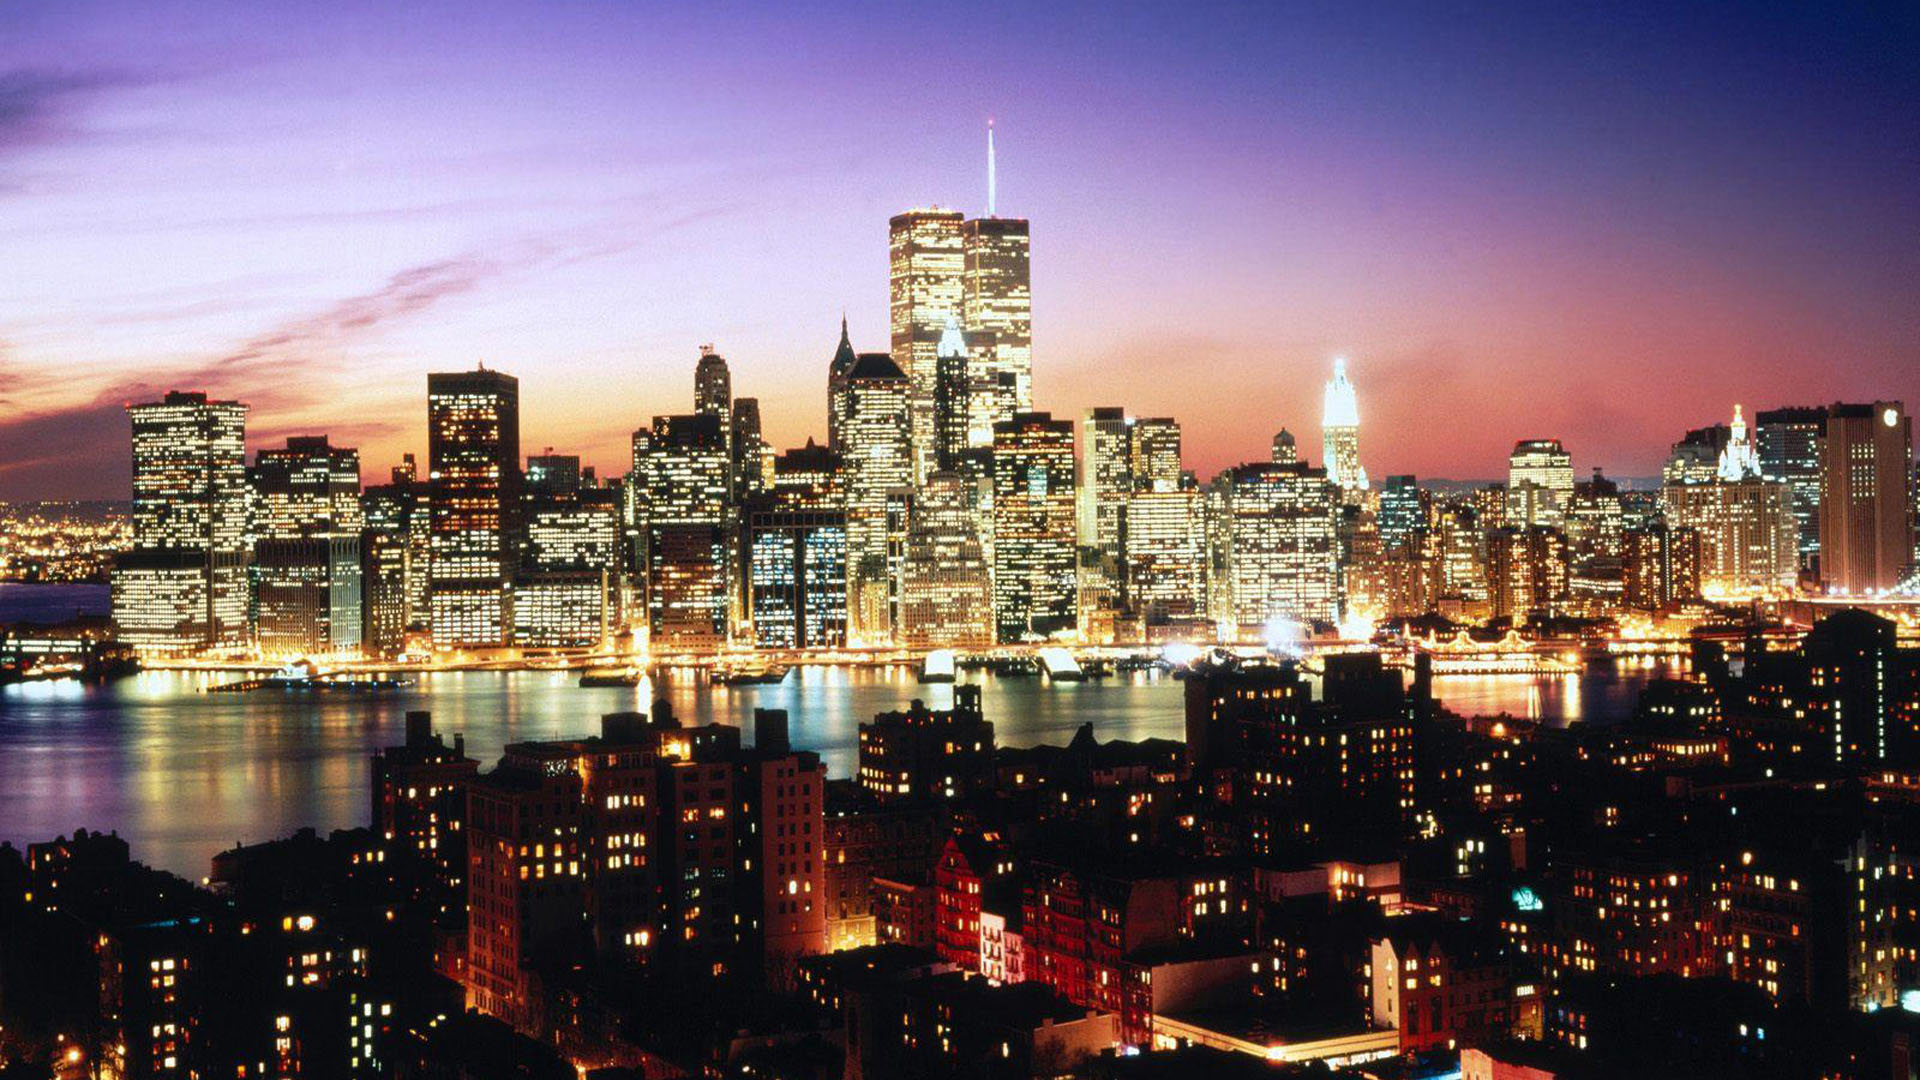 New York City Wallpaper Widescreen wallpaper wallpaper hd 1920x1080